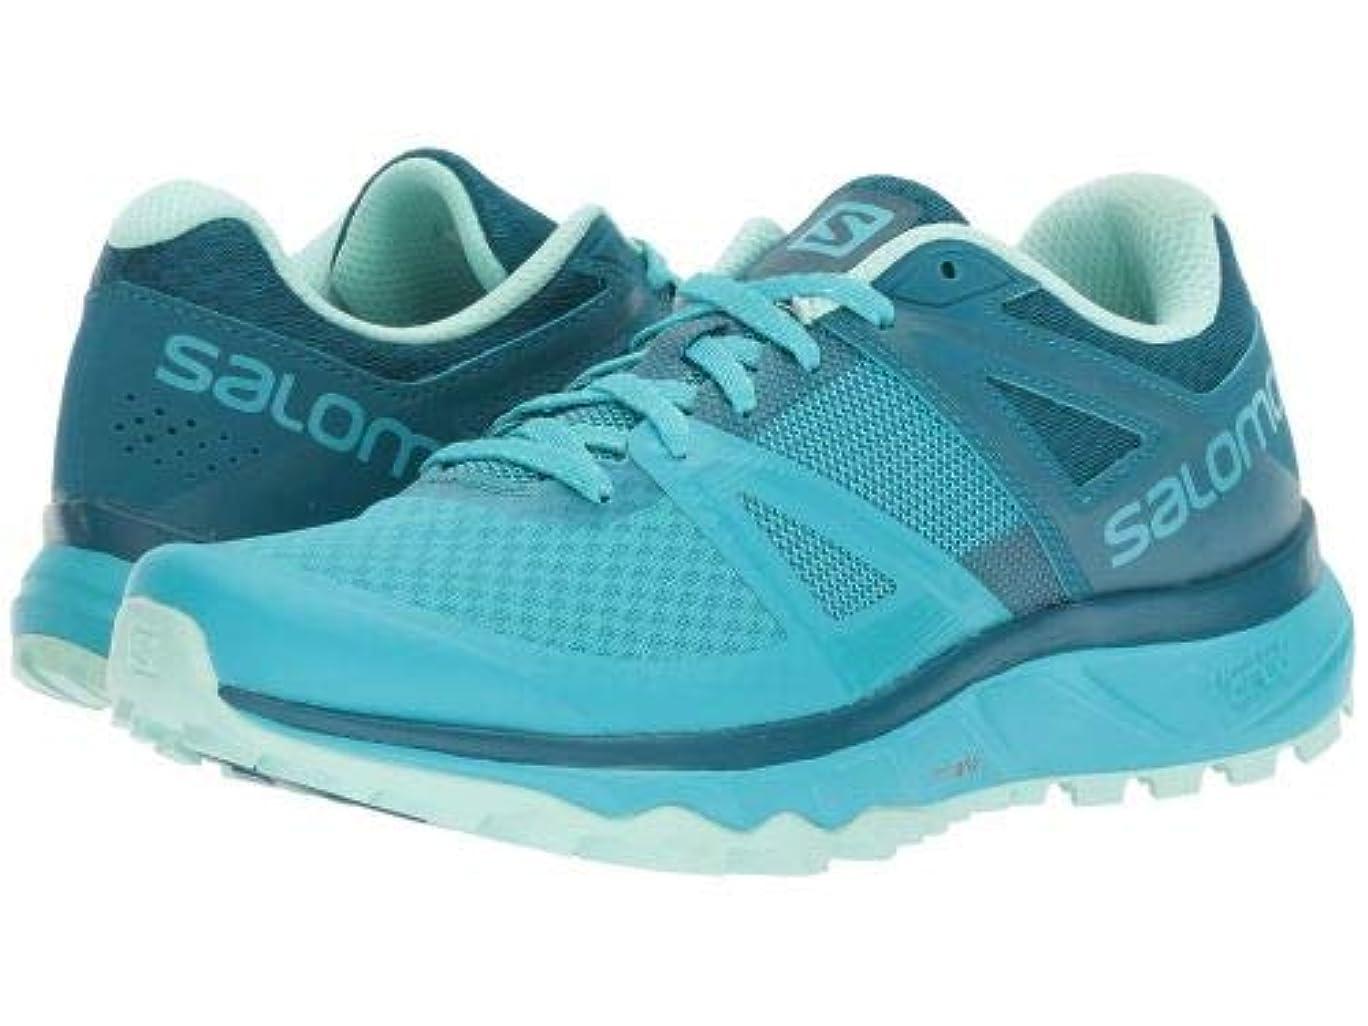 さておき盗難ふくろうSalomon(サロモン) レディース 女性用 シューズ 靴 スニーカー 運動靴 Trailster - Bluebird/Deep Lagoon/Beach Glass 5.5 B - Medium [並行輸入品]